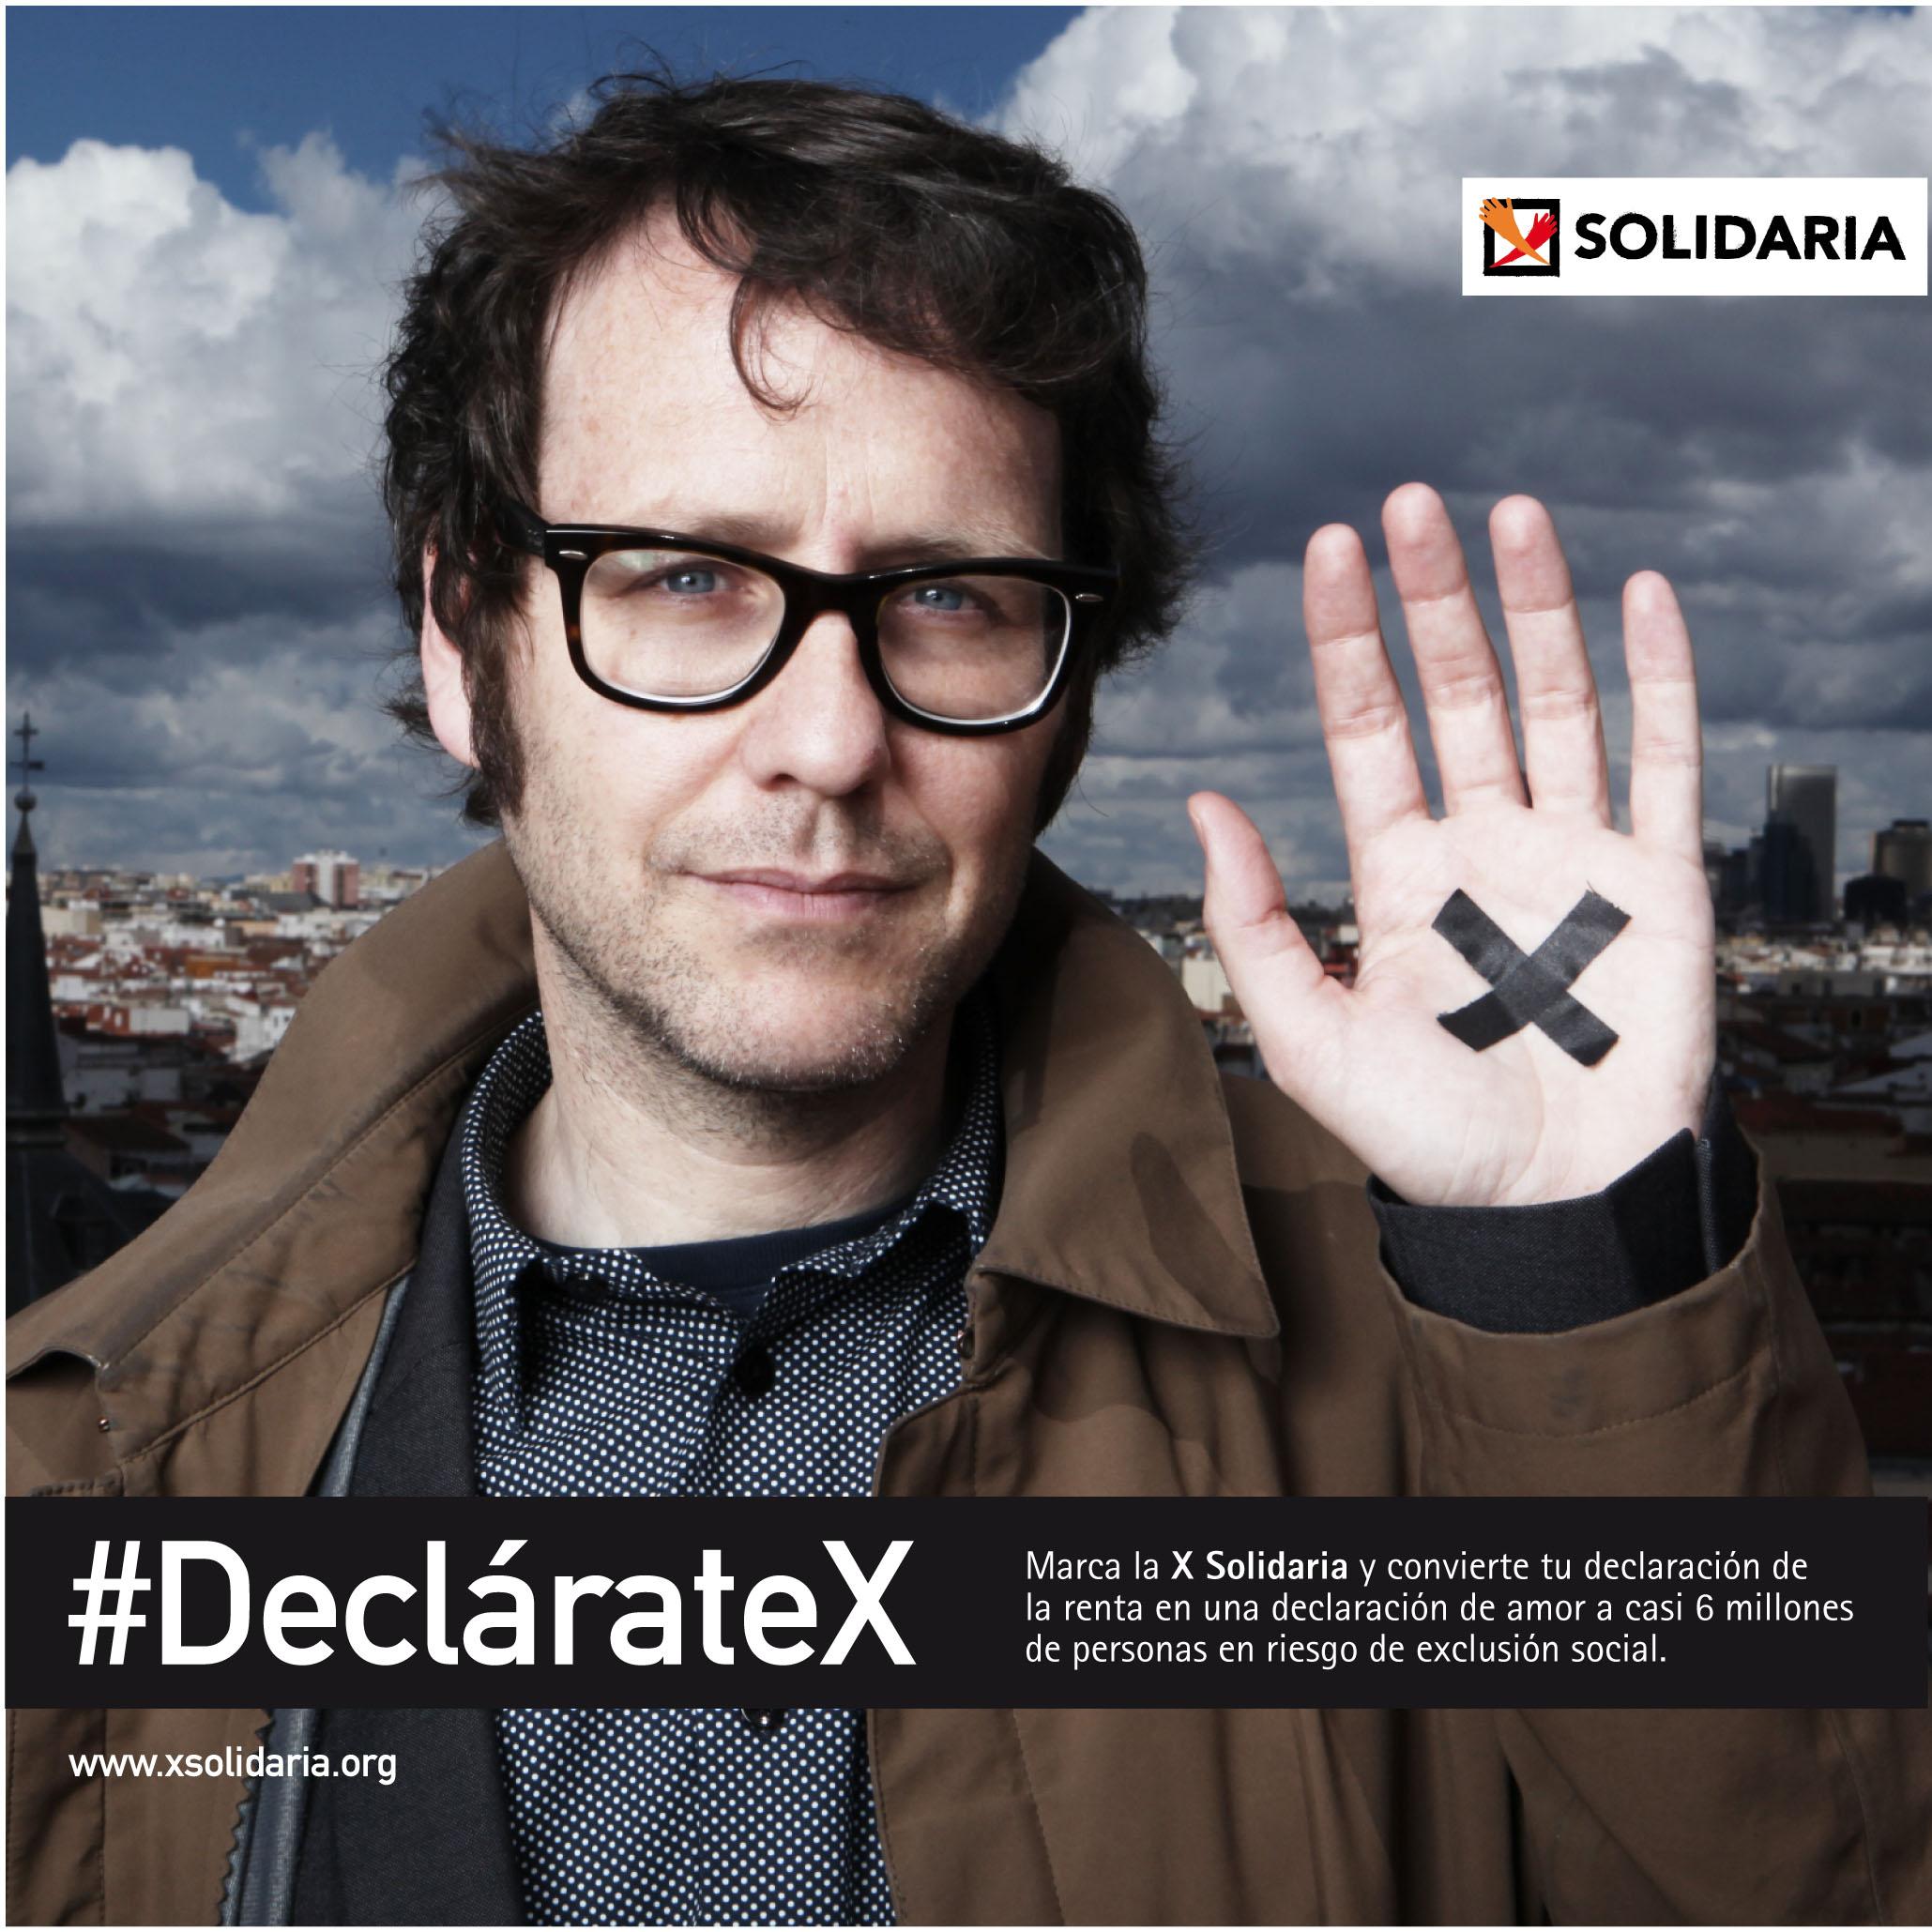 JOAQUIN-REYES-DeclarateX